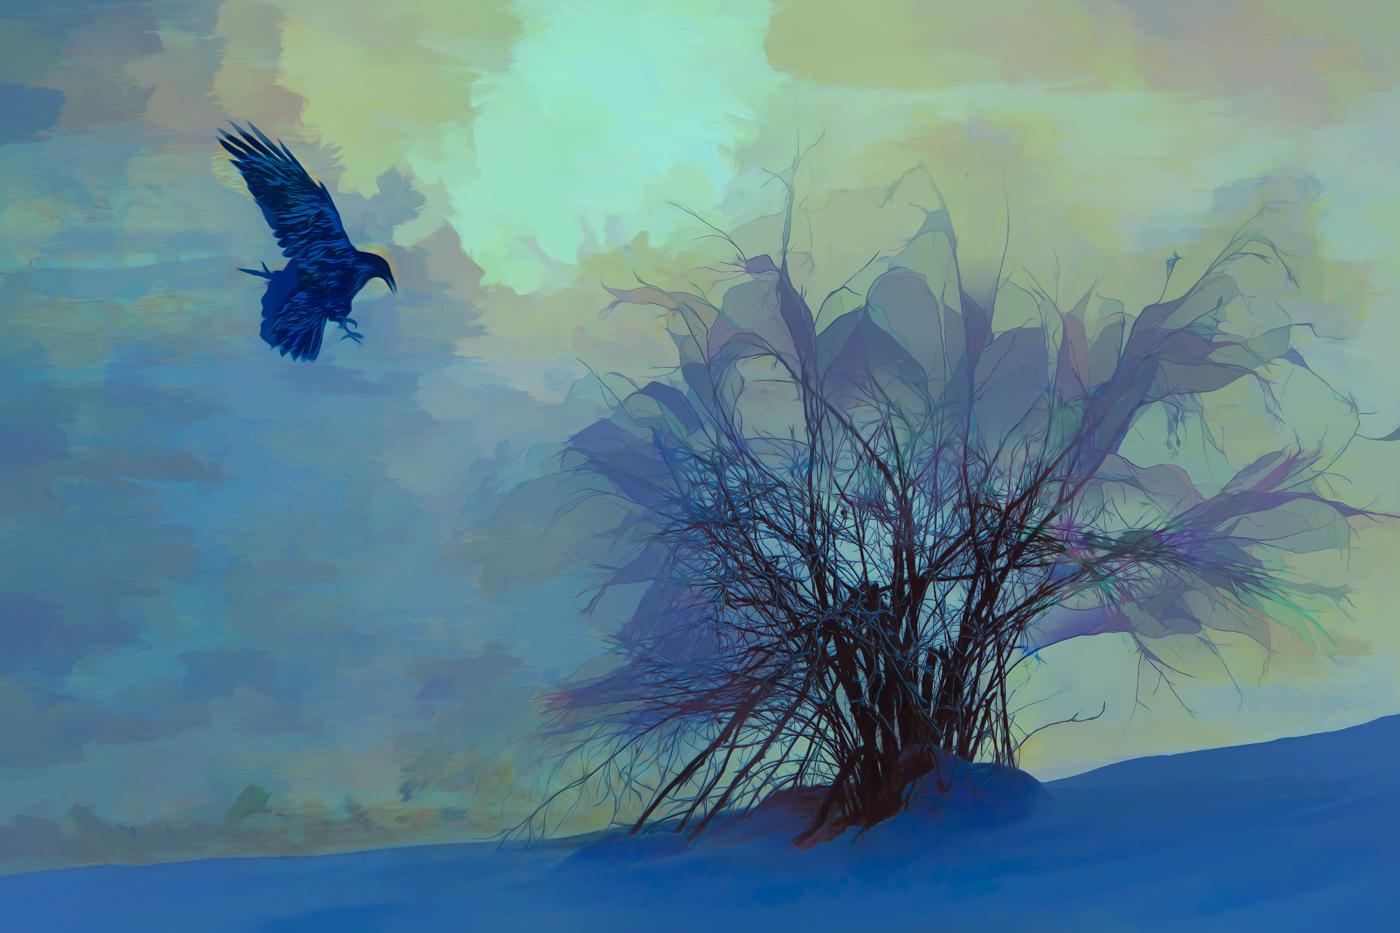 Raven Fantasy.jpg